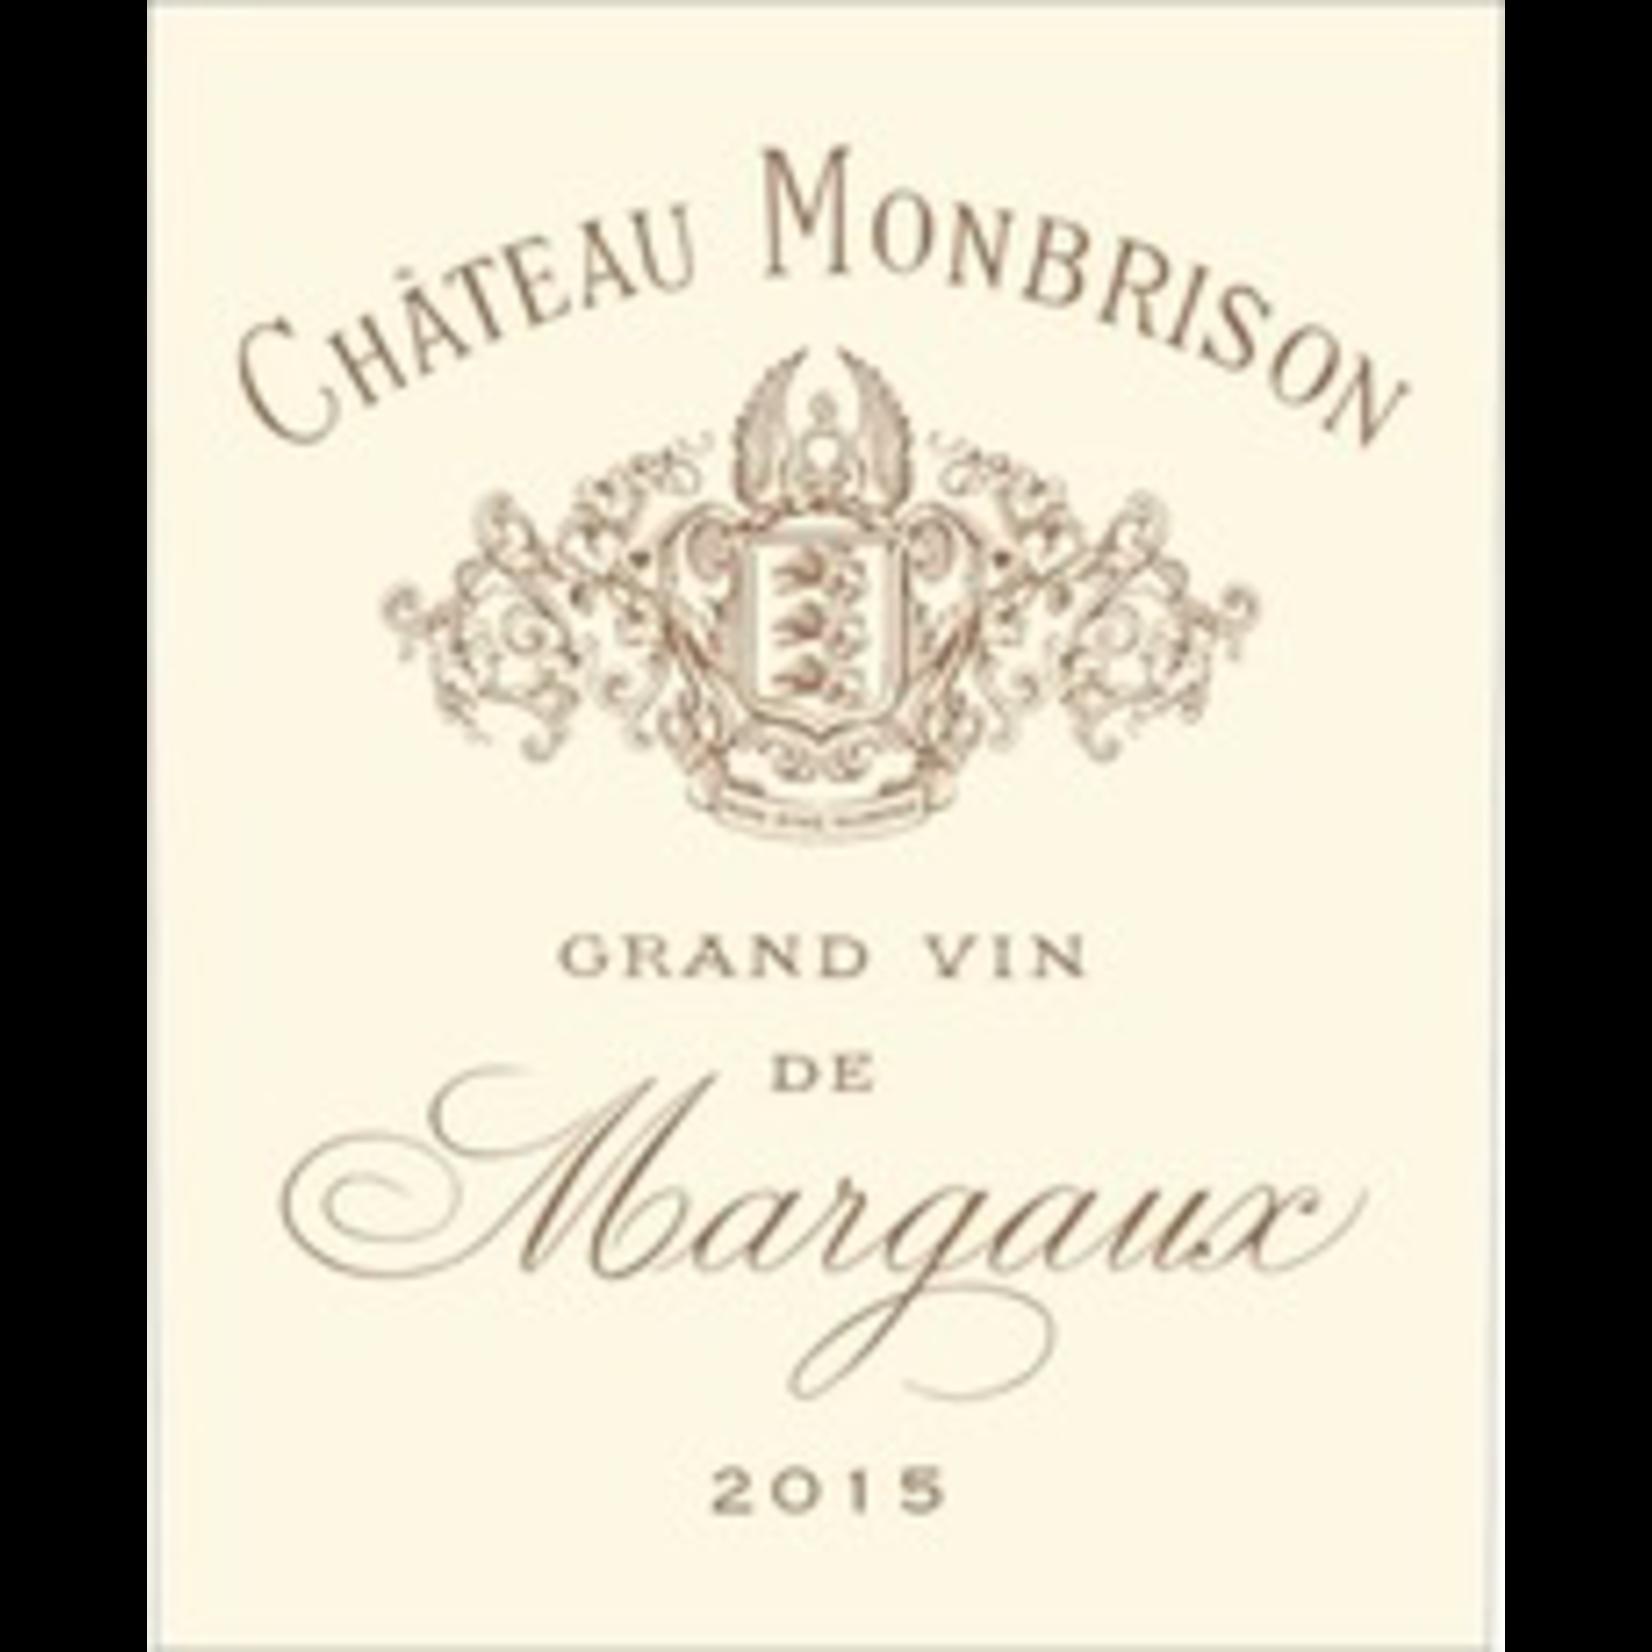 Ch Monbrison 2018